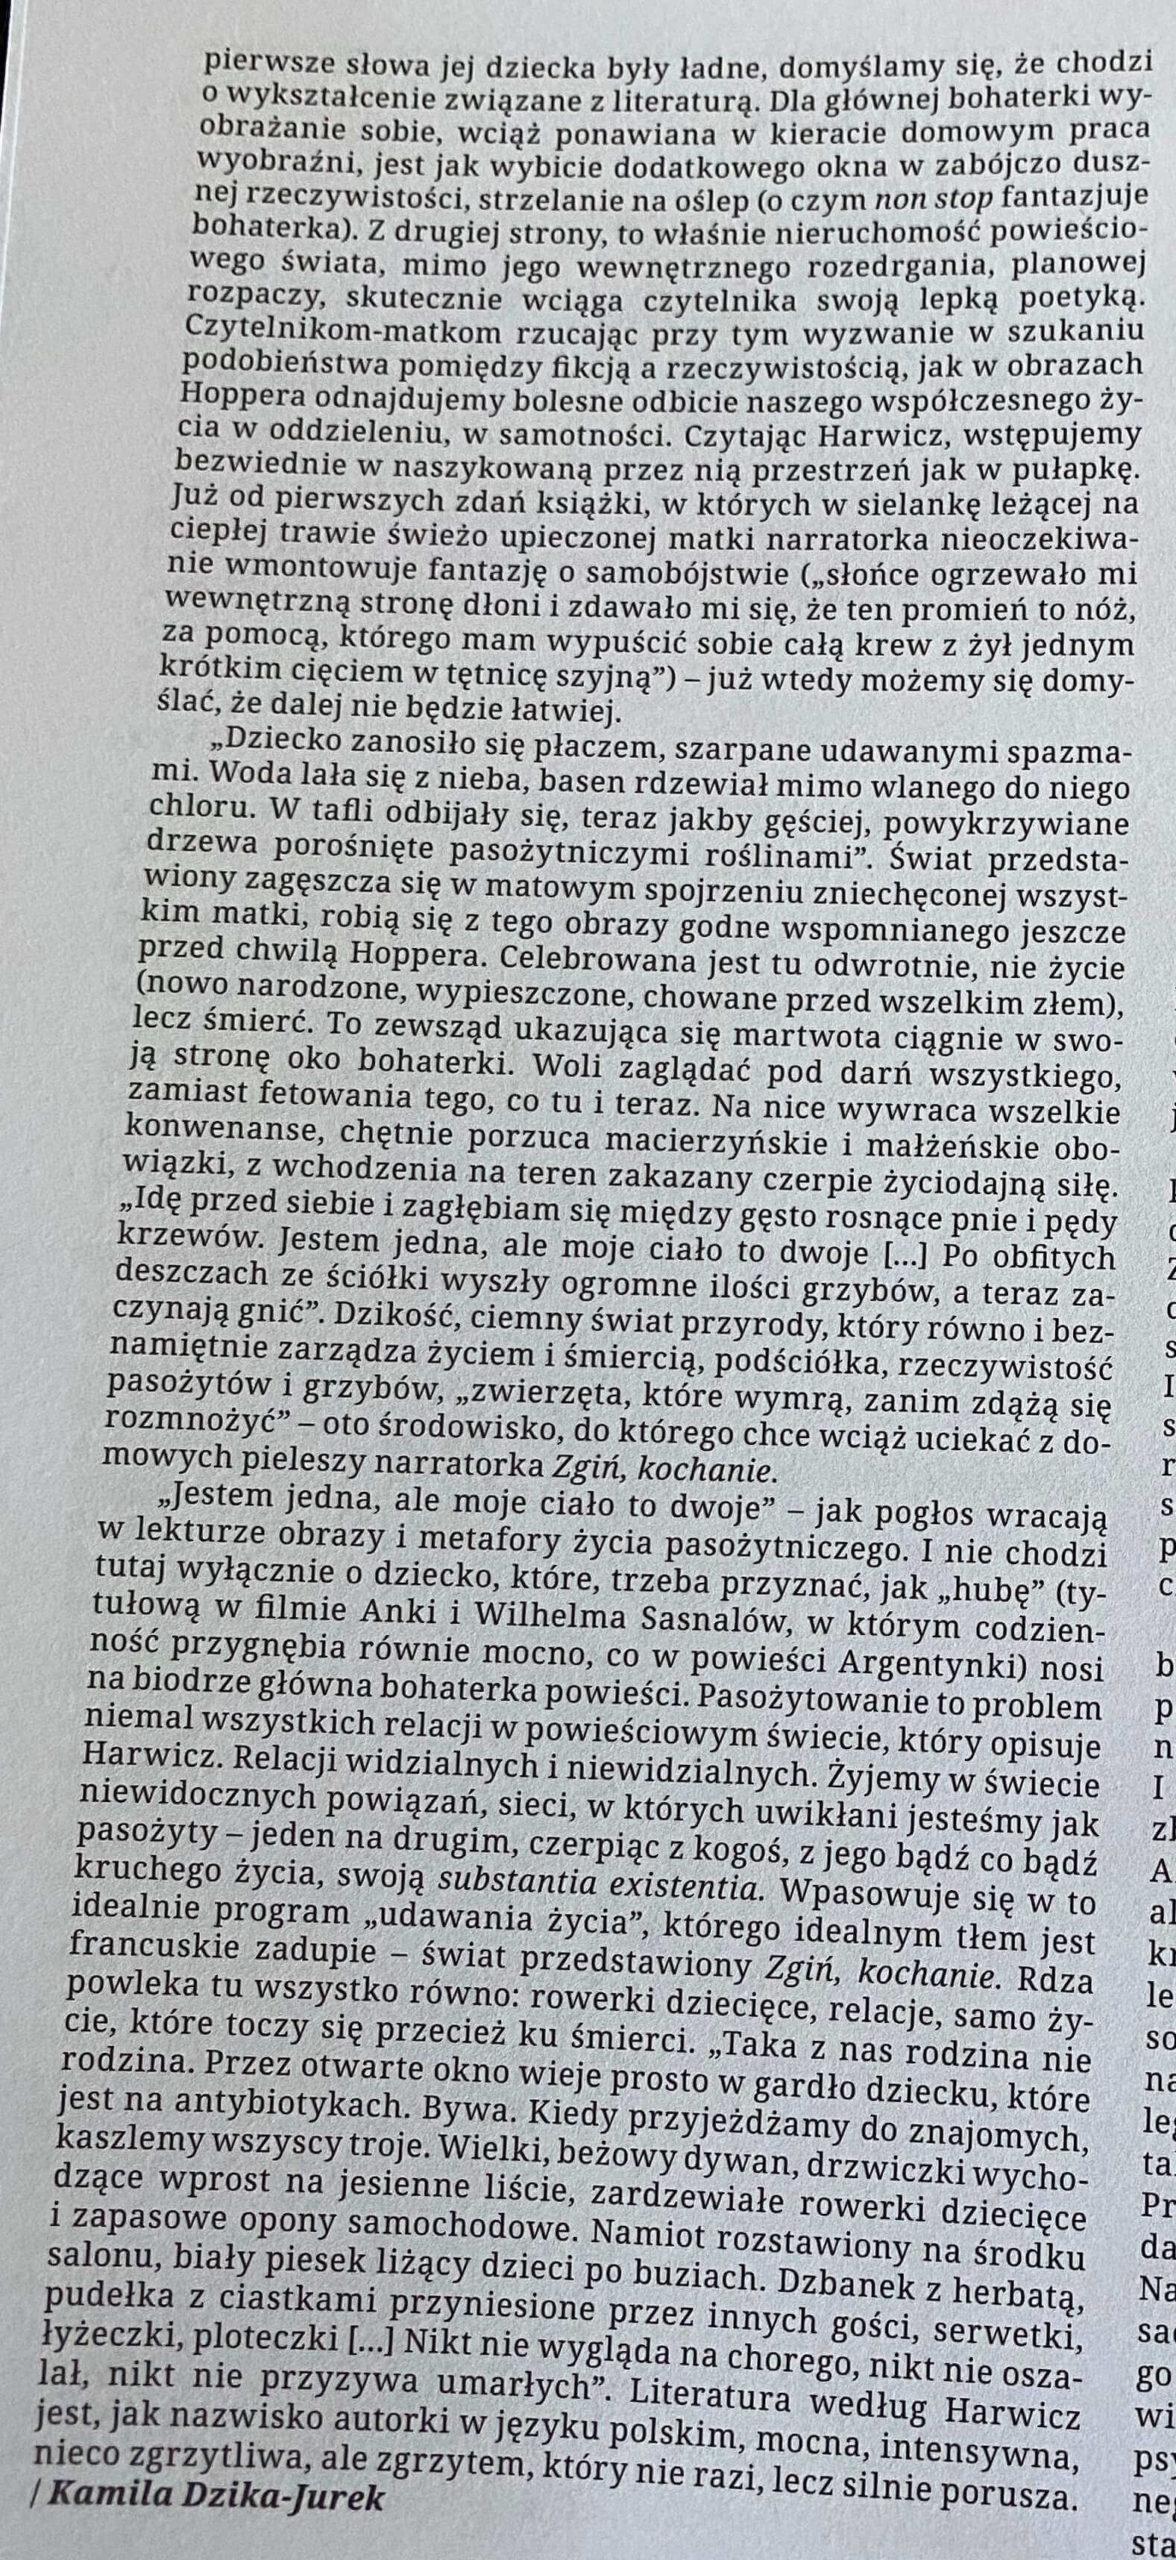 fabularie _ zgiń kochanie cz. 2-2-2-2